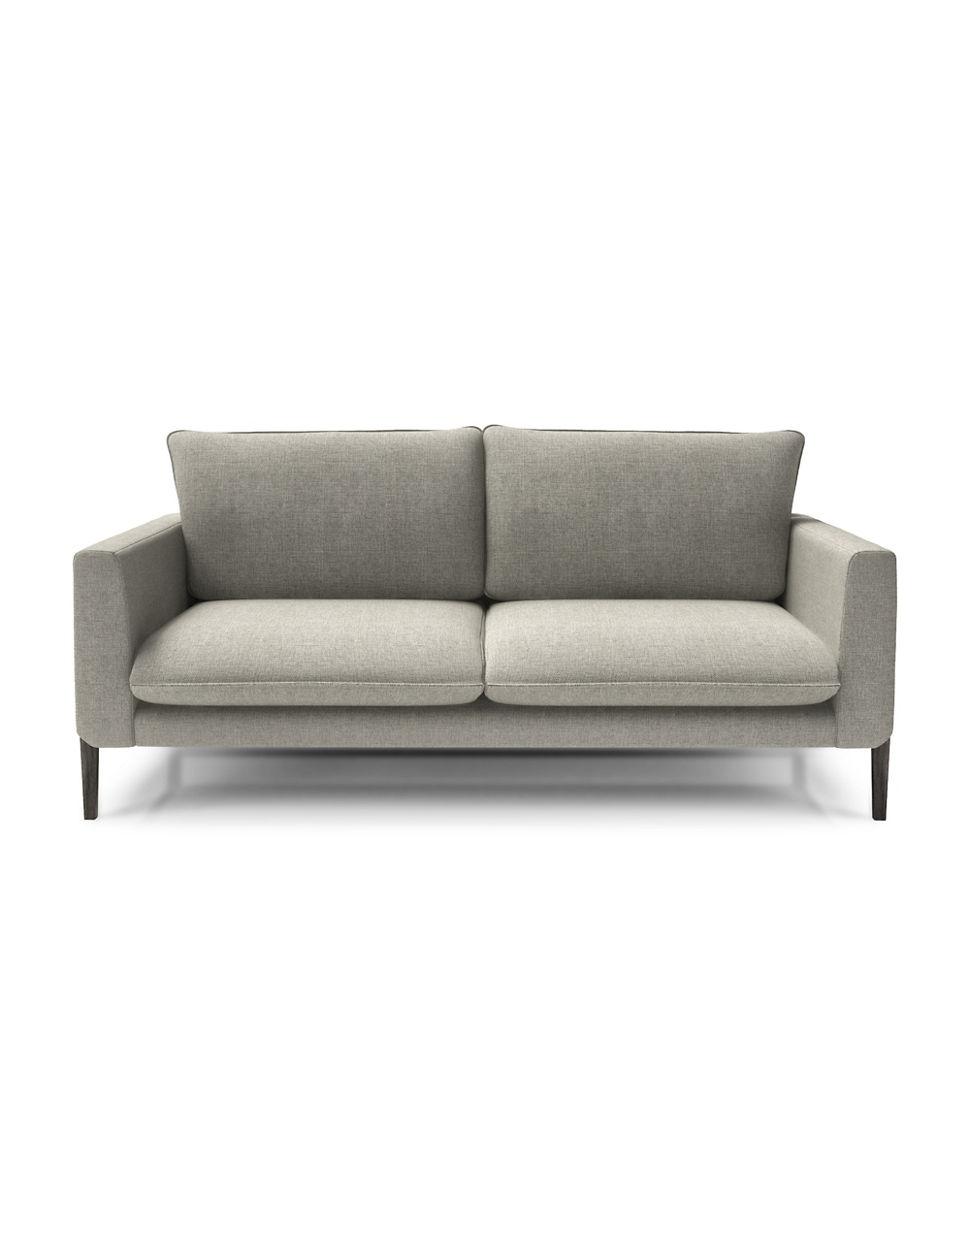 couches  sofas  hudson's bay - carmen condo sofa